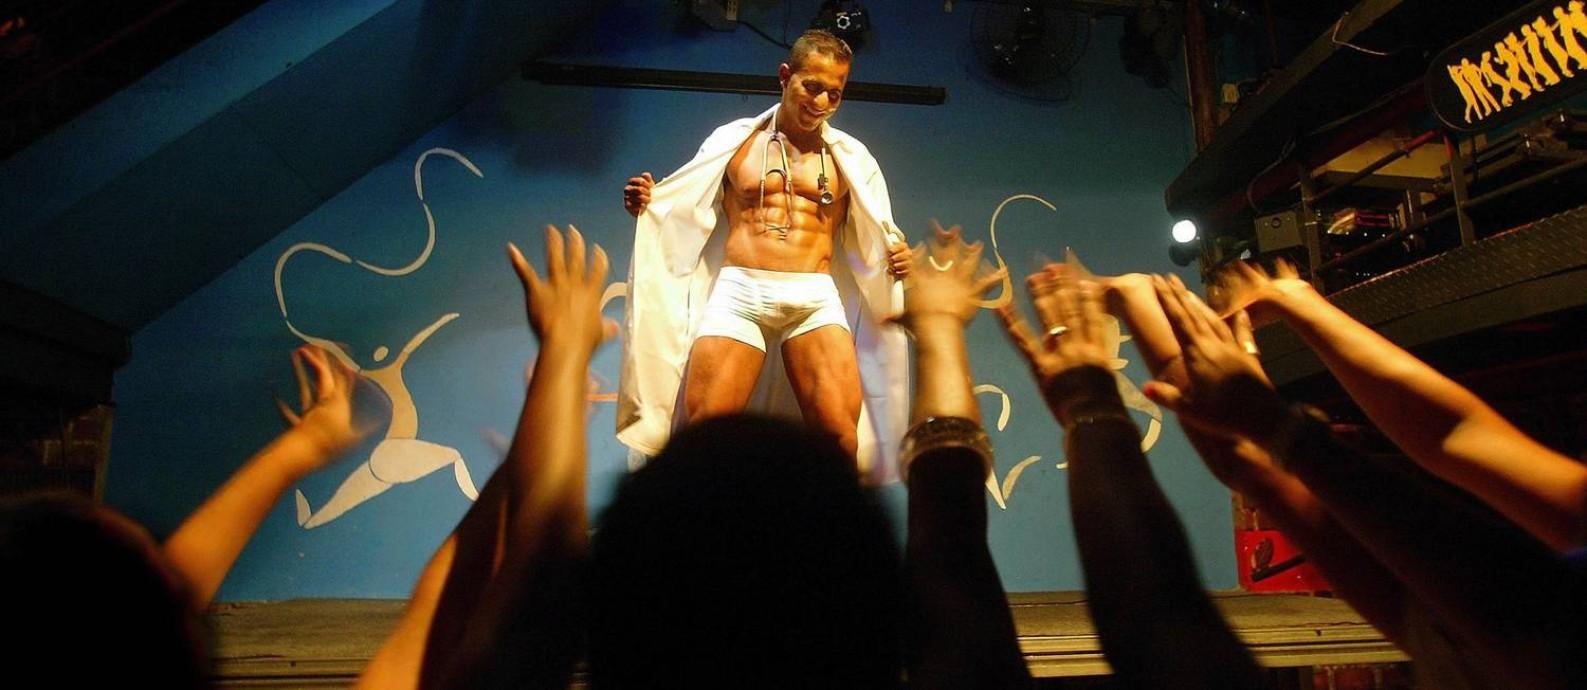 """Em 2008, no auge, Stefan Perli encarnava o personagem Tony Prado no palco da boate Dito e Feito. As mulheres iam à loucura com o show erótico em que o """"médico"""" se desnudava Foto: Marcos Ramos / Agência O Globo"""